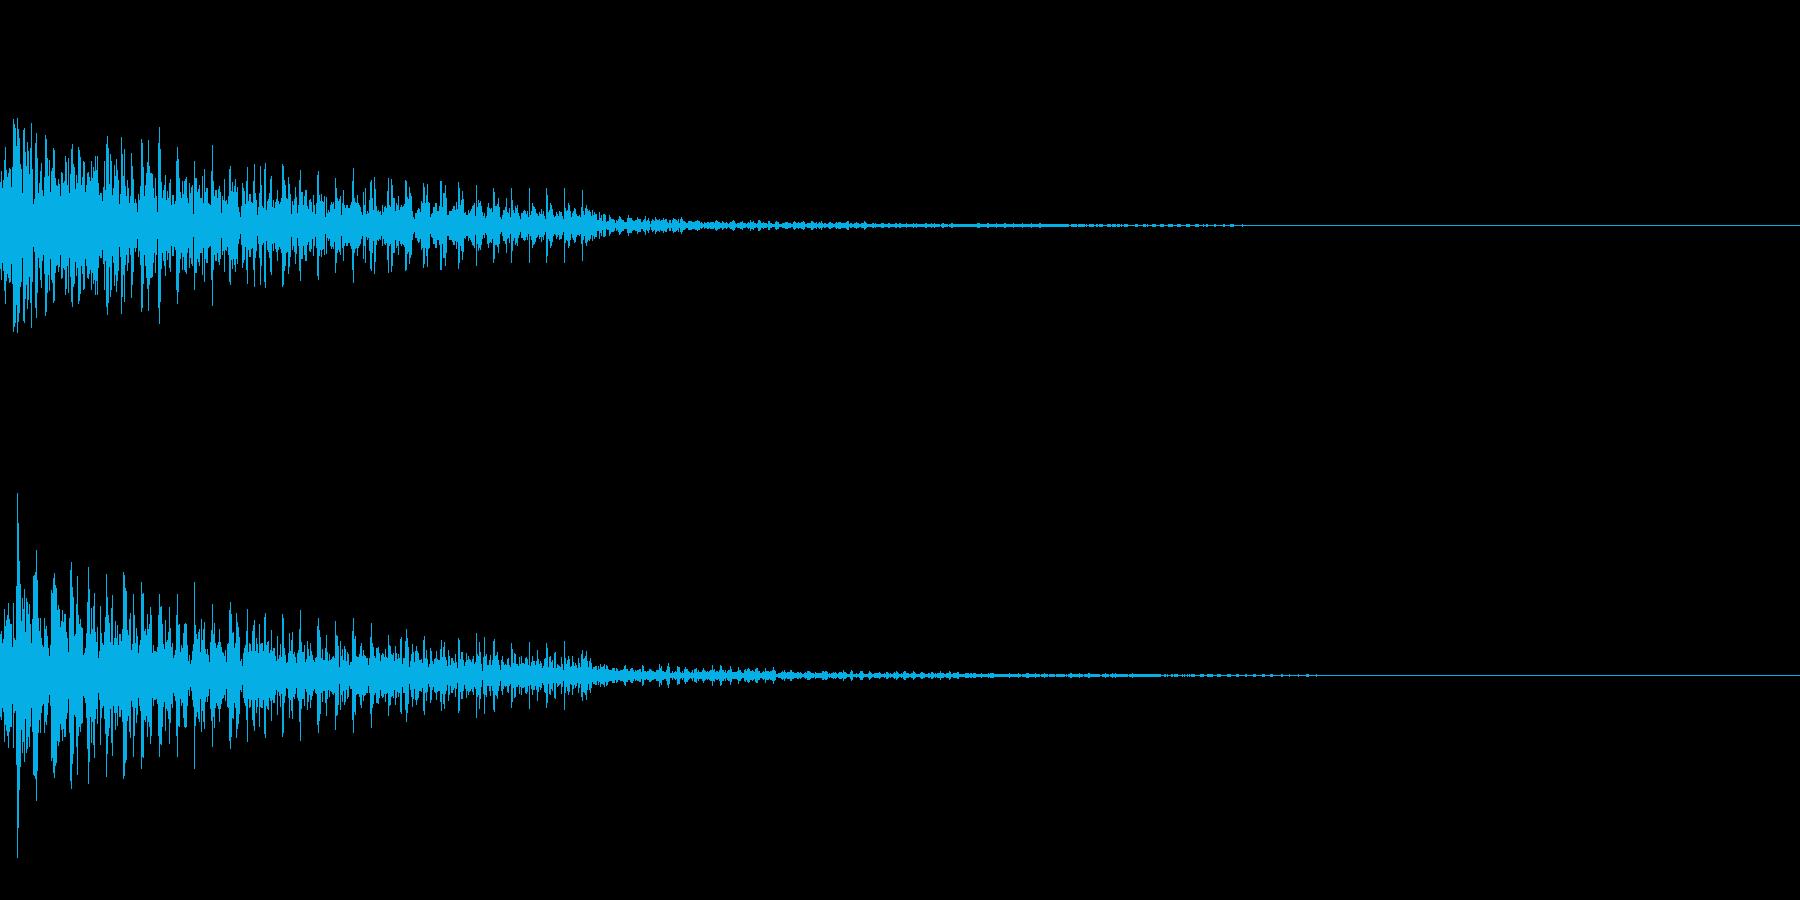 【SE 効果音】停止音の再生済みの波形